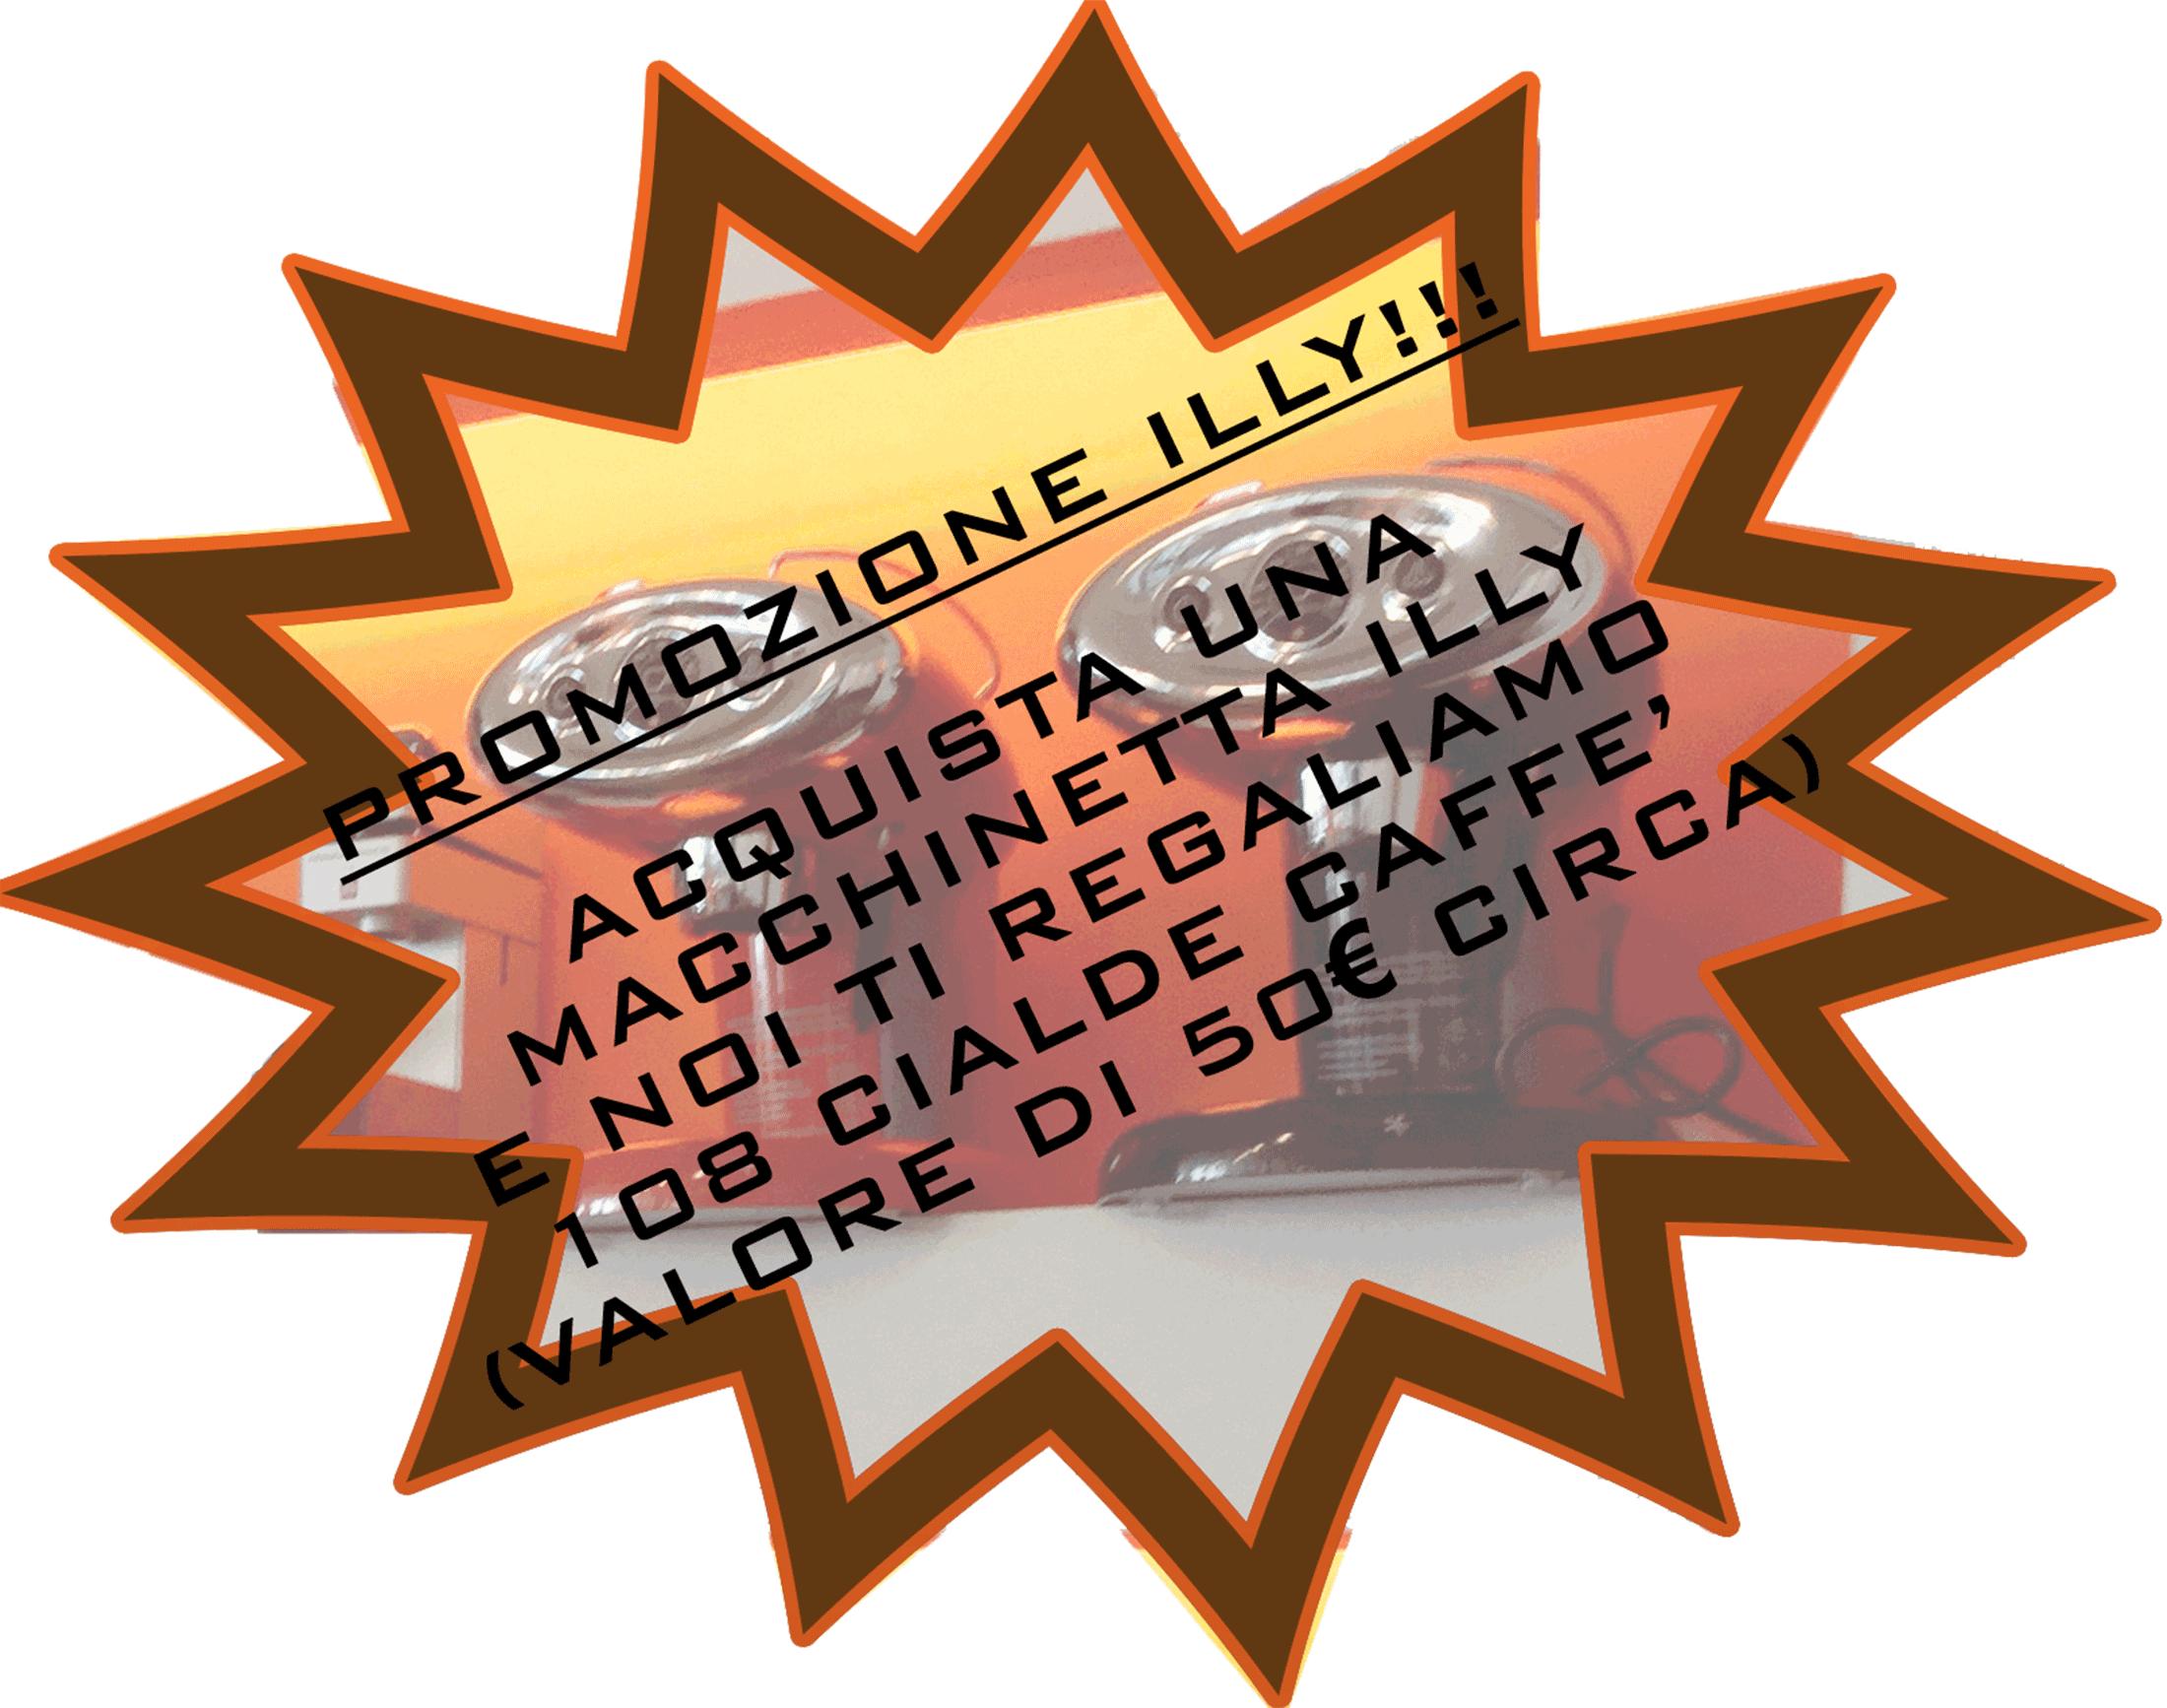 Promozione Illy